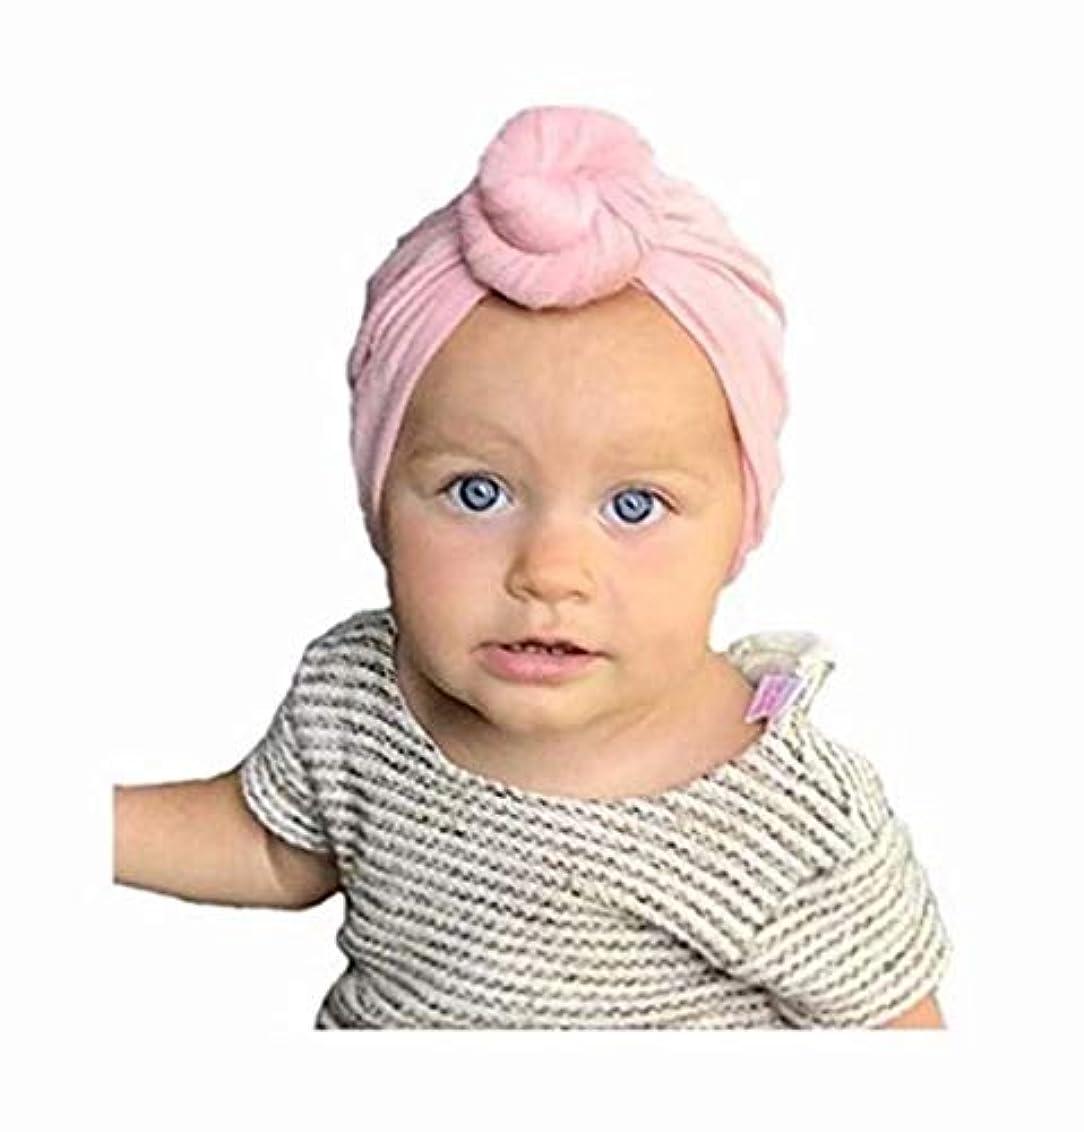 麻痺させるおいしい再生的七里の香 子供の赤ちゃんの赤ちゃんのヘッドバンド結び目の花のヘアバンドアクセサリーヘッドウェア弾性